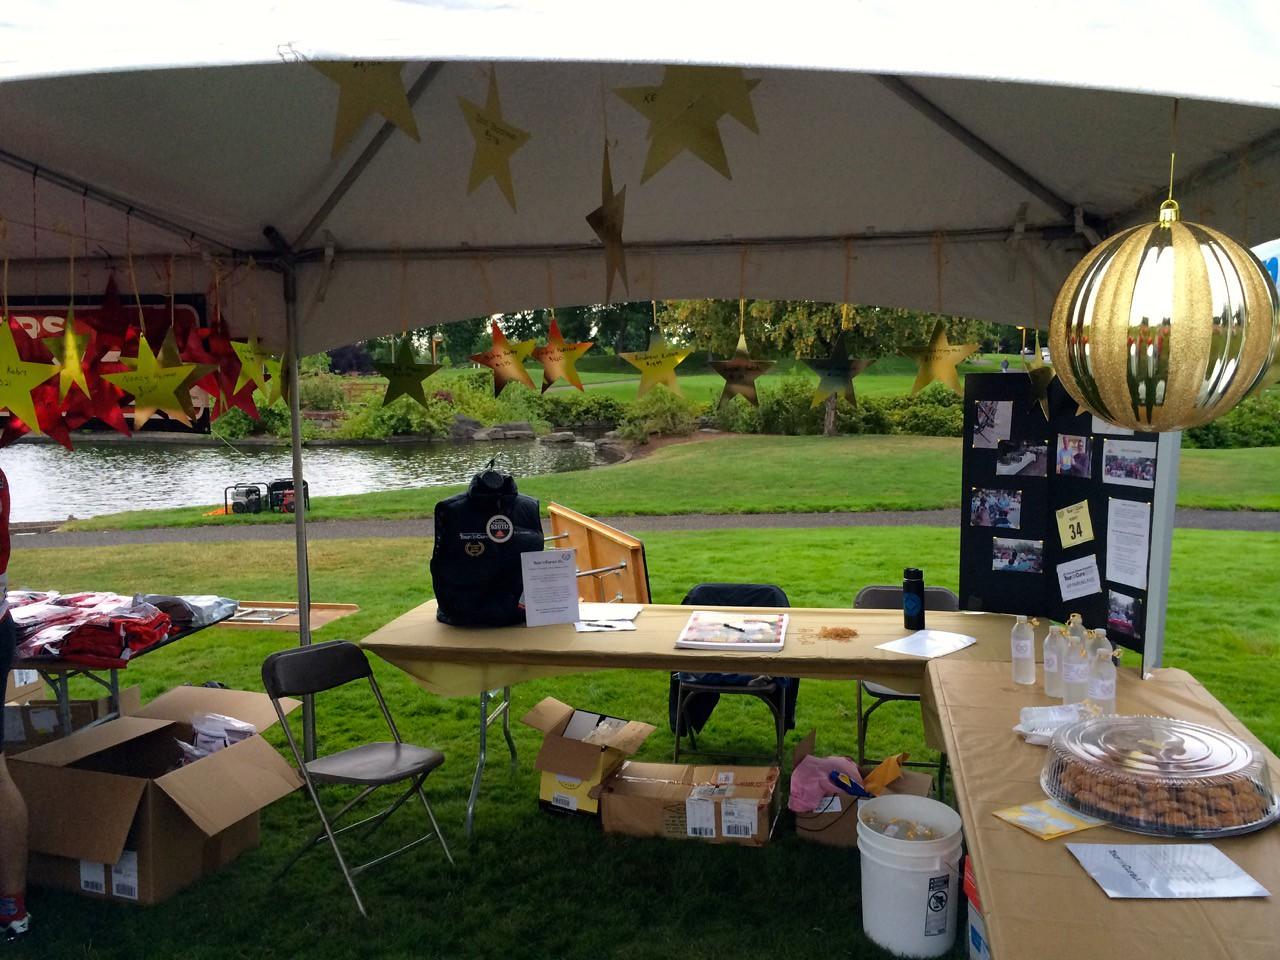 2015 Tour de Cure Oregon, Amberglen Park, Hillsboro.<br /> Margo's Champions tent